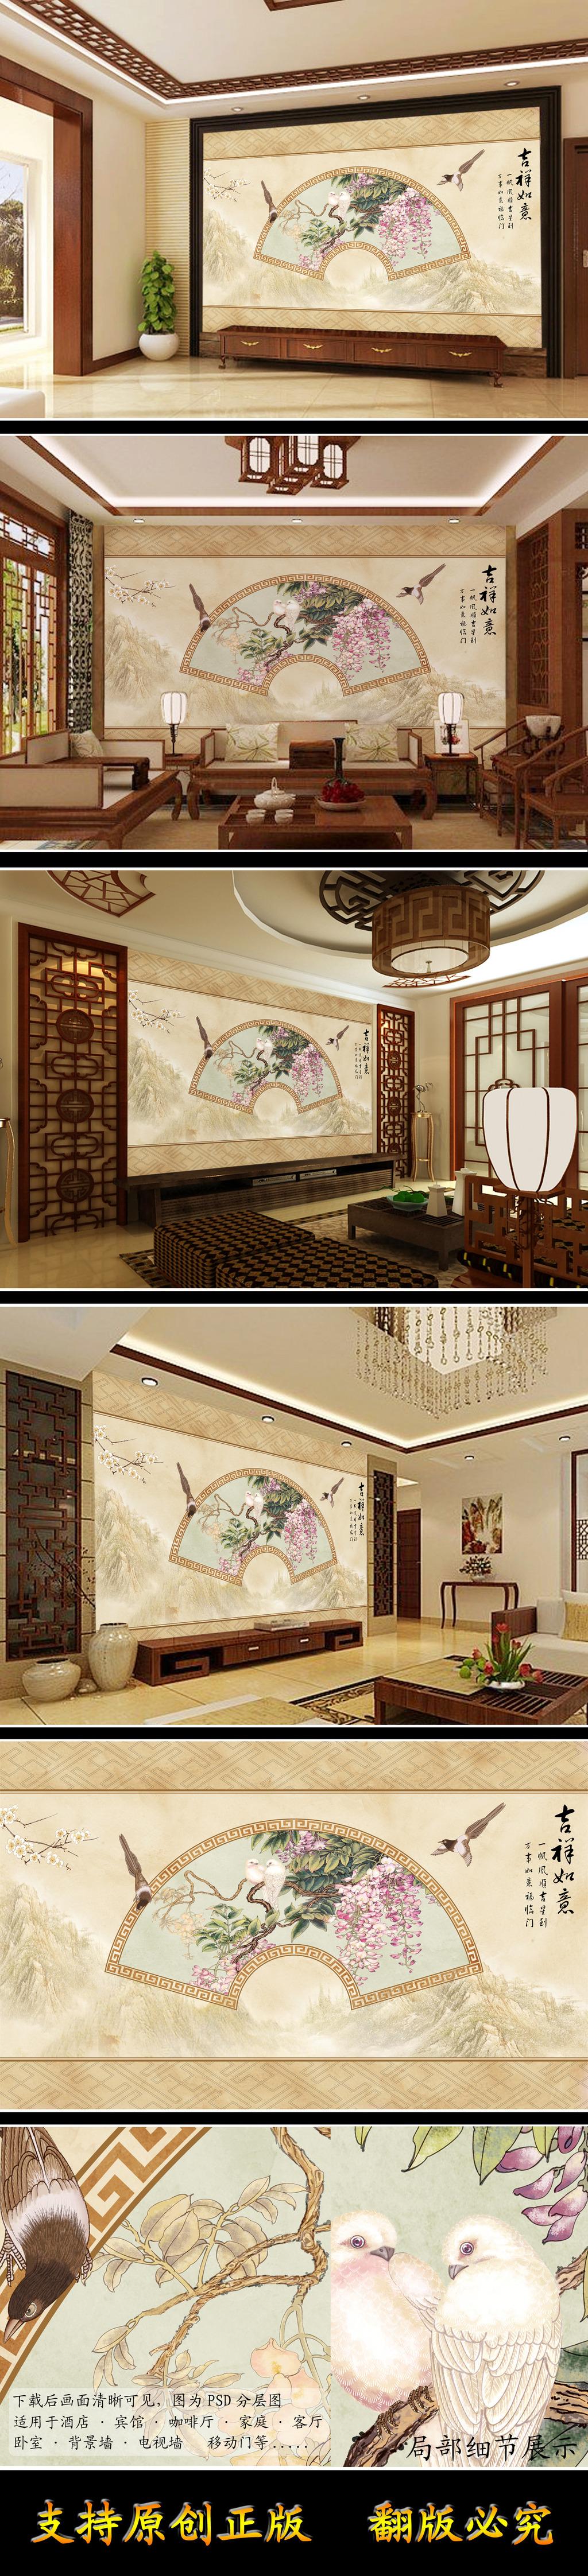 > 手绘古典花鸟背景墙模板下载 手绘古典花鸟背景墙图片下载 客厅